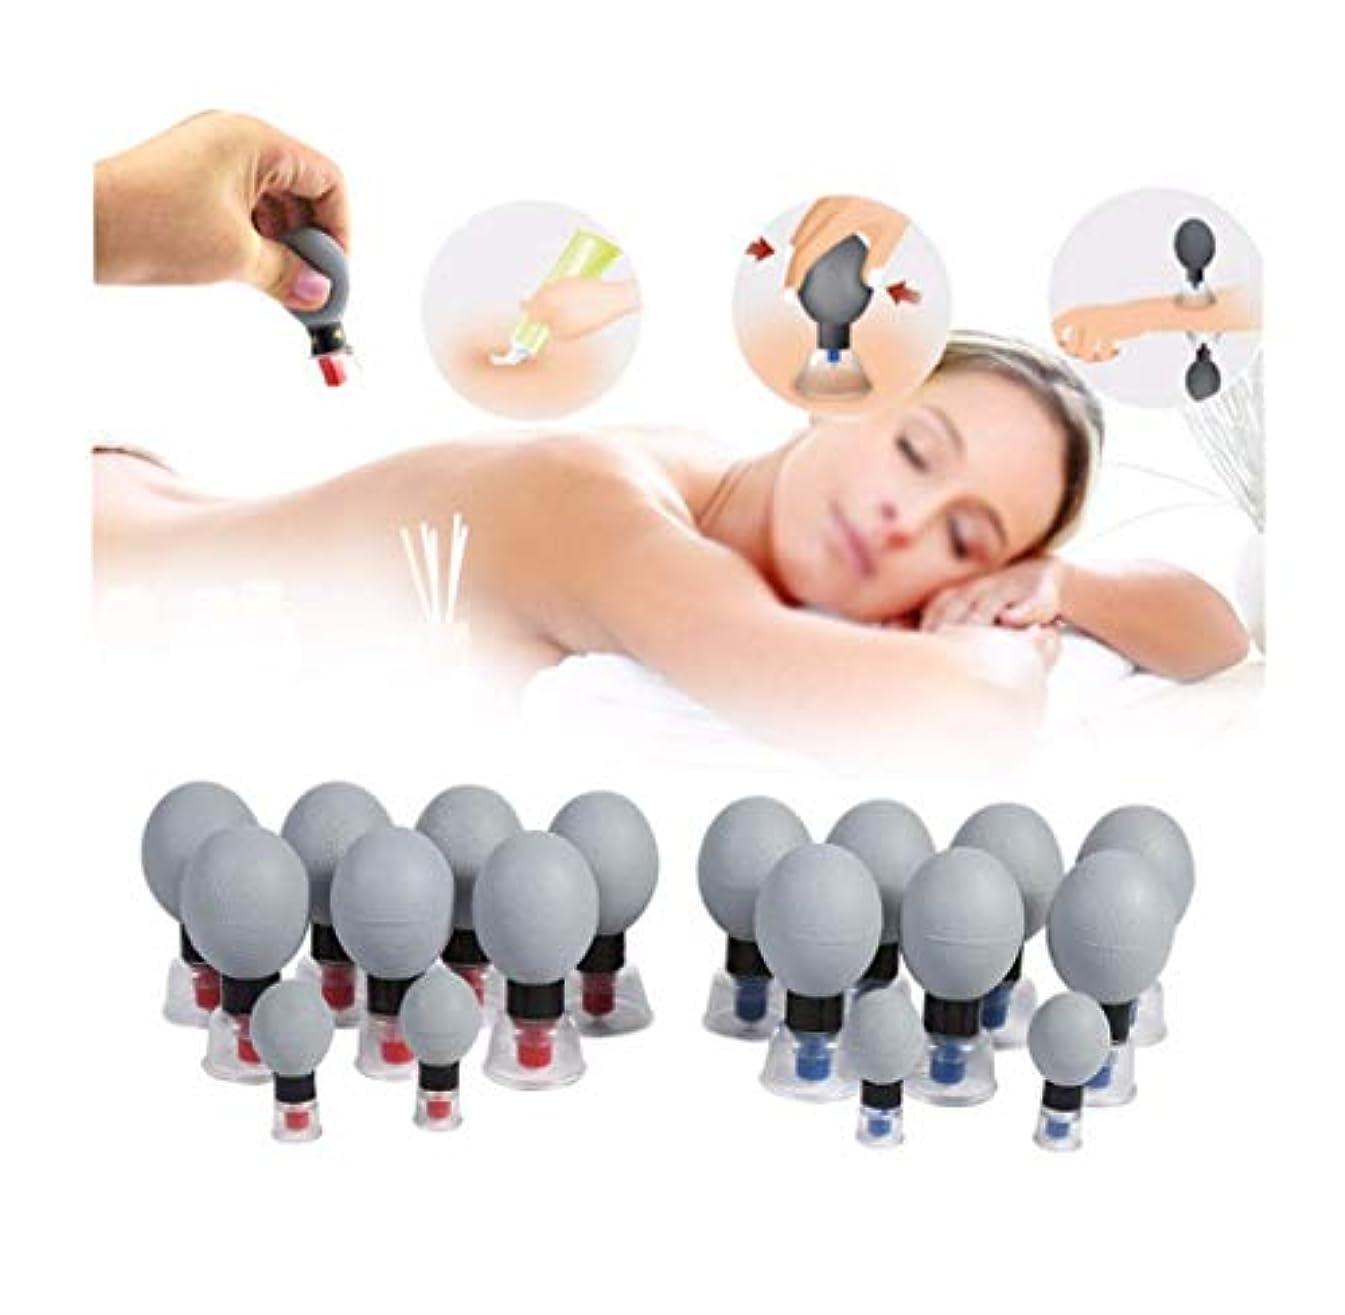 真空カッピングセット、TCM磁気療法指圧吸引カップ、マッサージ筋肉関節痛を軽減する鍼灸マッサージジャー,18pieces